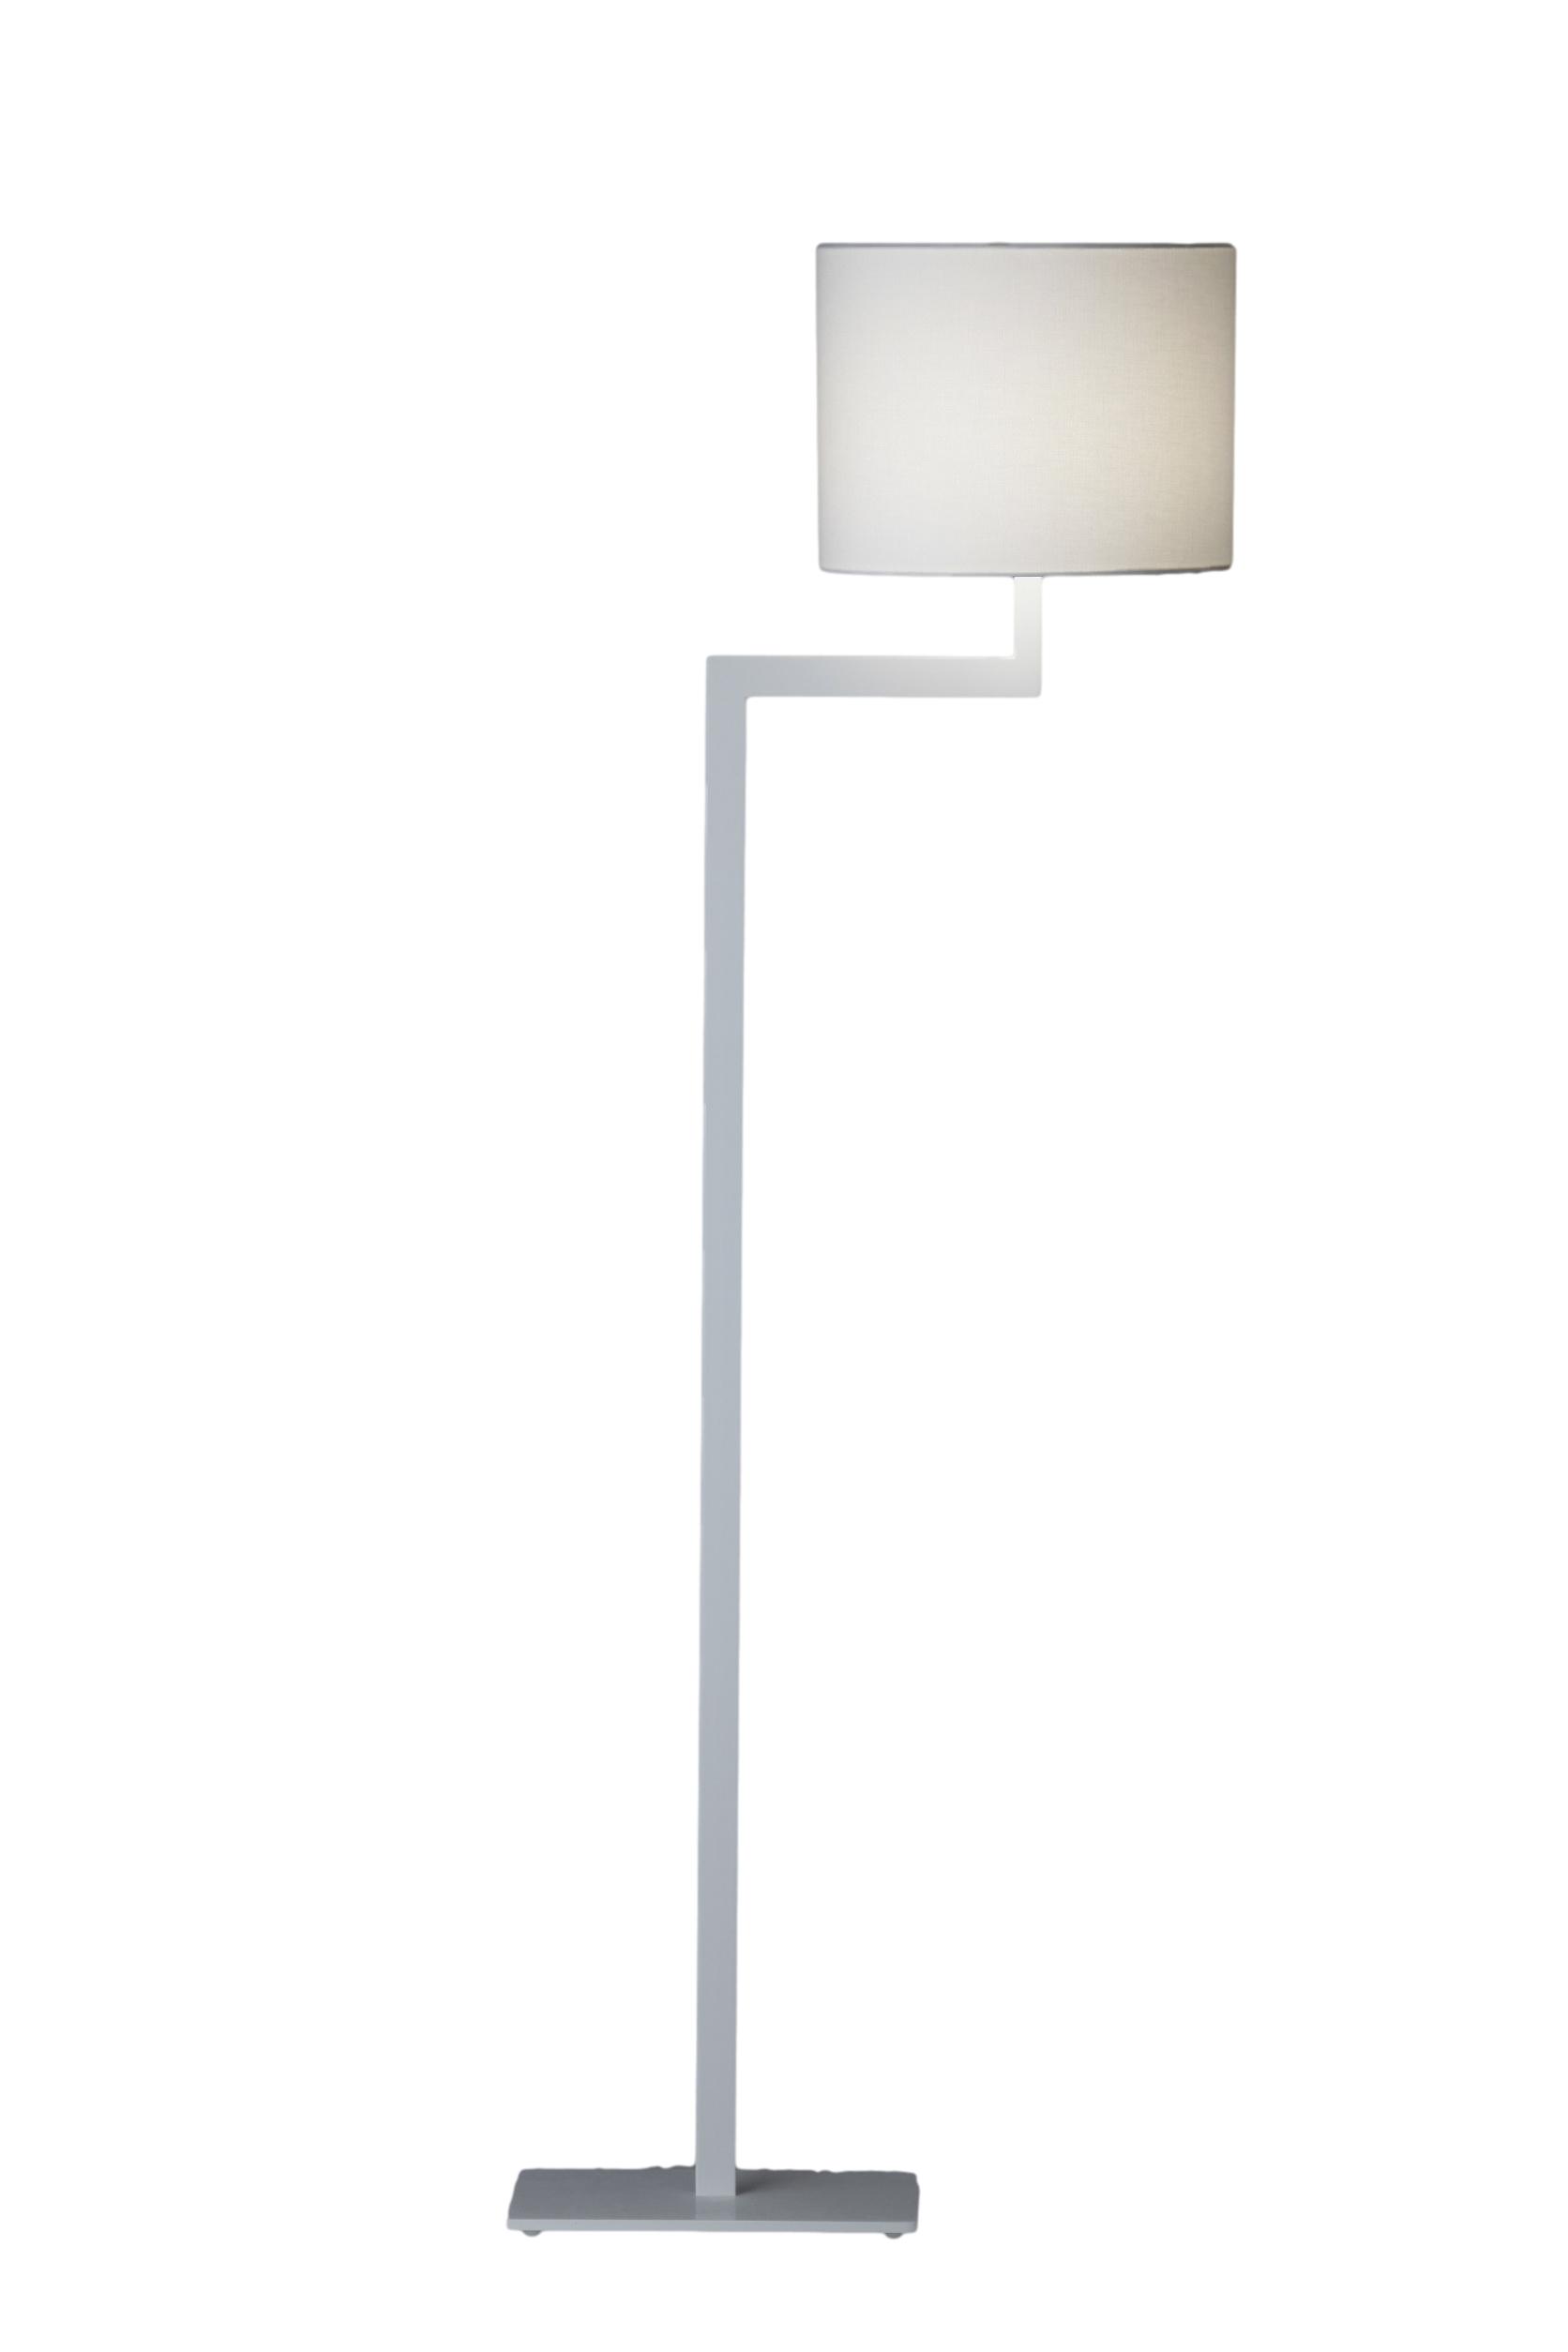 Stout Verlichting Collectie Sfeerfoto Vloerlamp Strak Lafayette